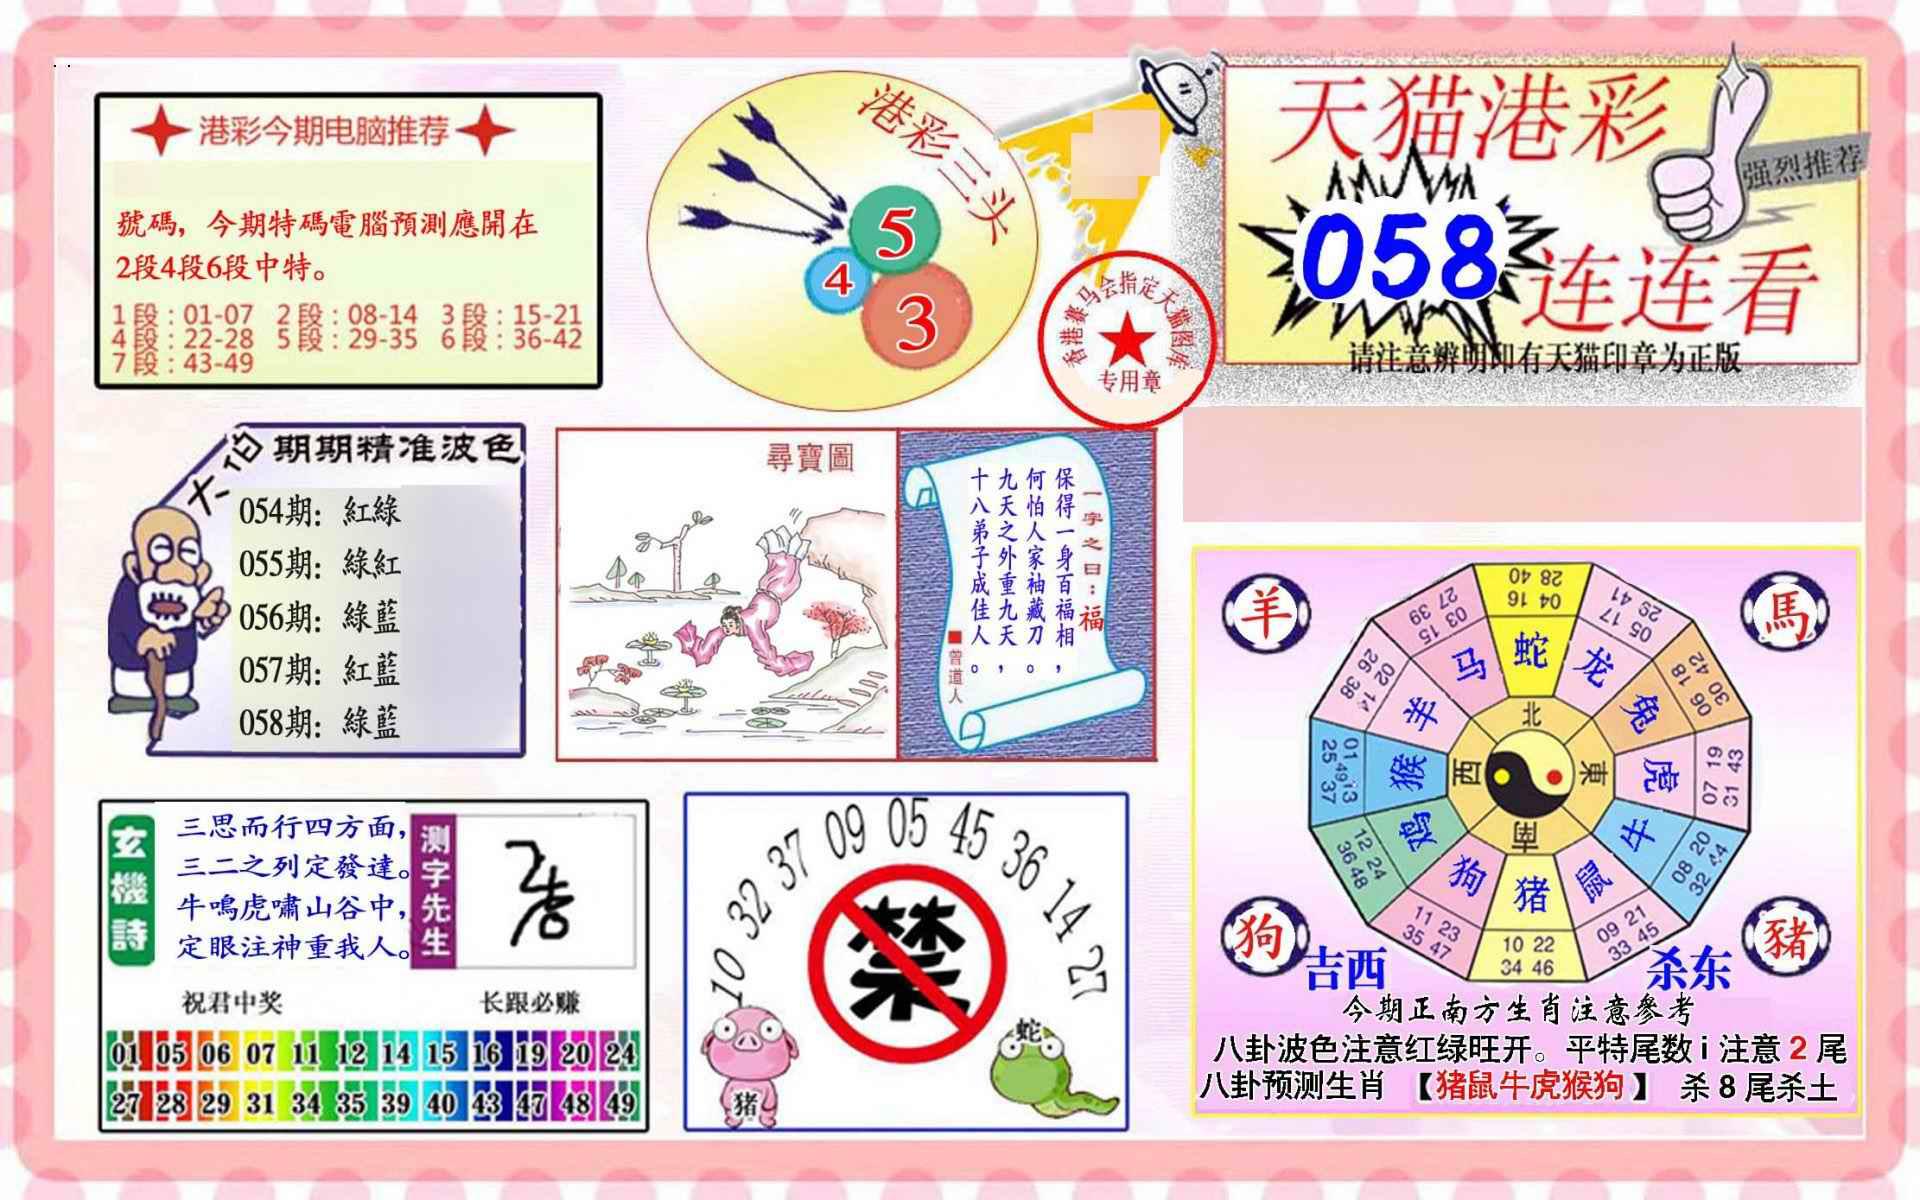 058期港彩连连中